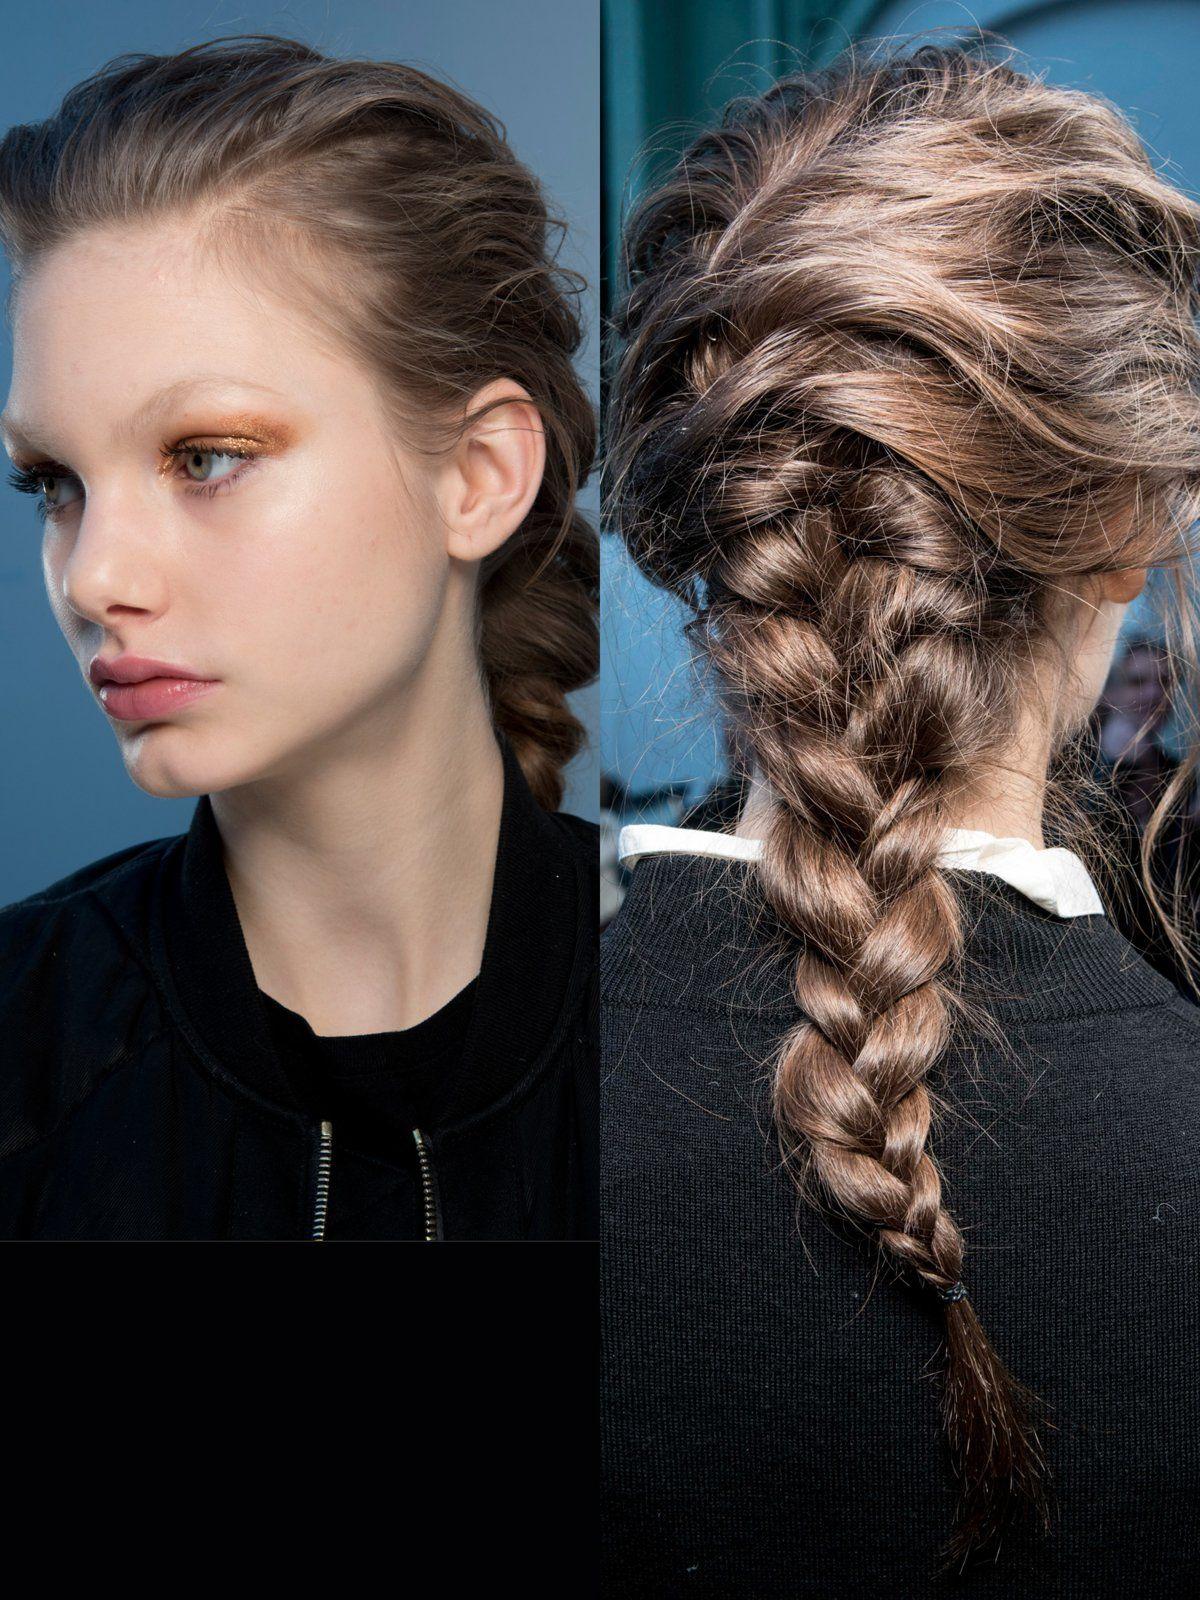 Flechtfrisuren Selber Machen Flechtfrisuren Geflochtene Frisuren Lange Haare Video